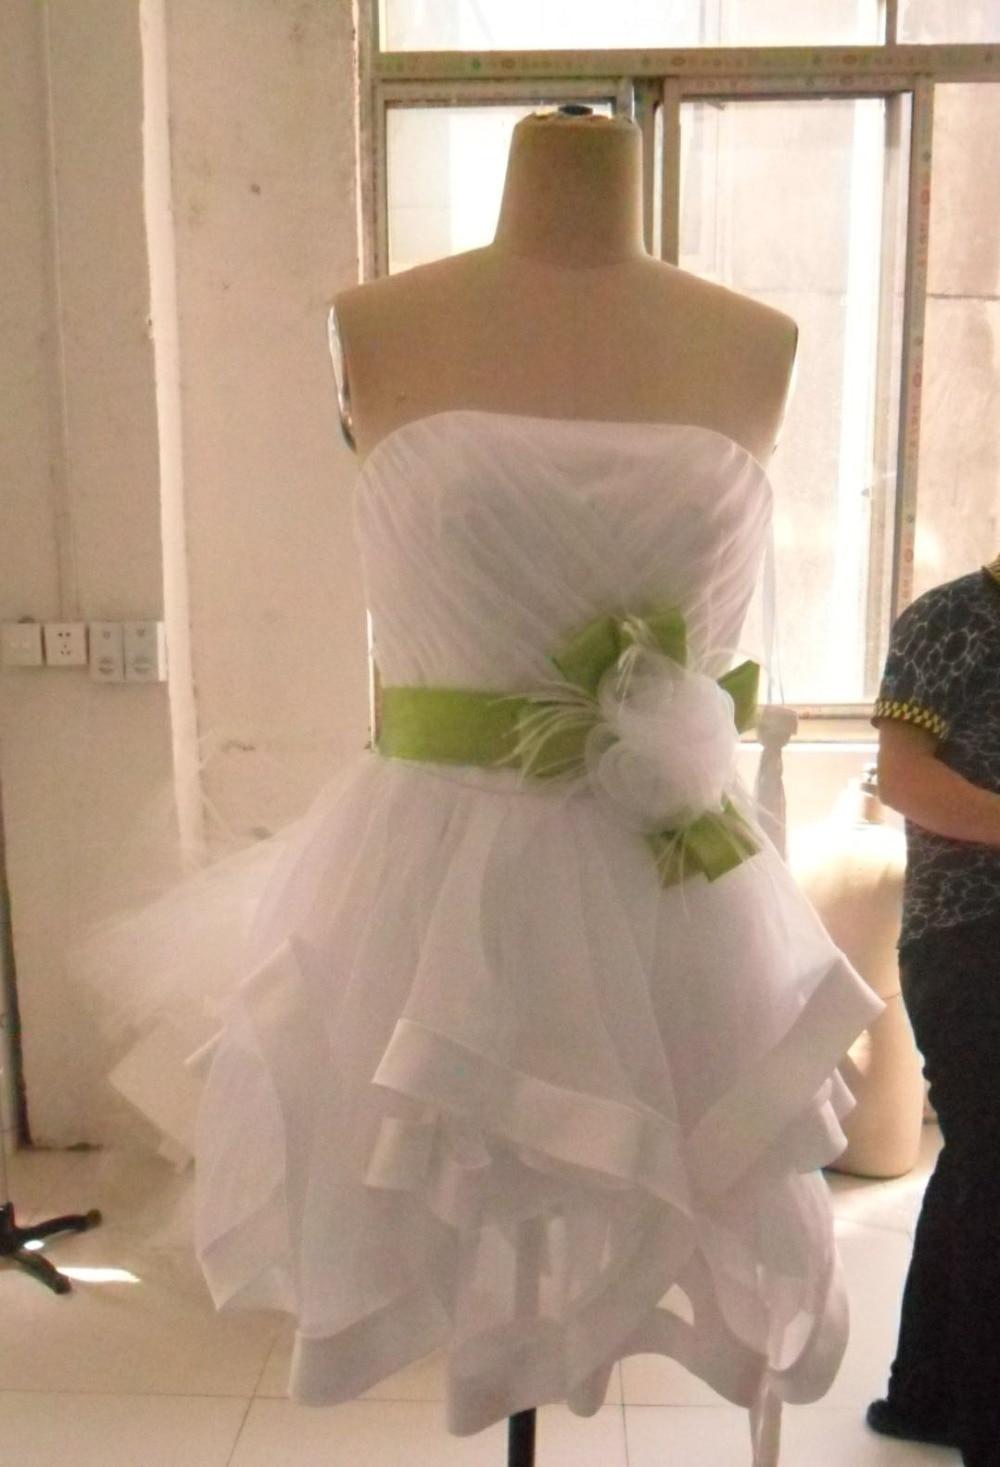 Livraison gratuite bretelles chérie vert sash robes de cocktail courte de bal robes de soirée 2017 nouveau modèles font personnalisé - 2